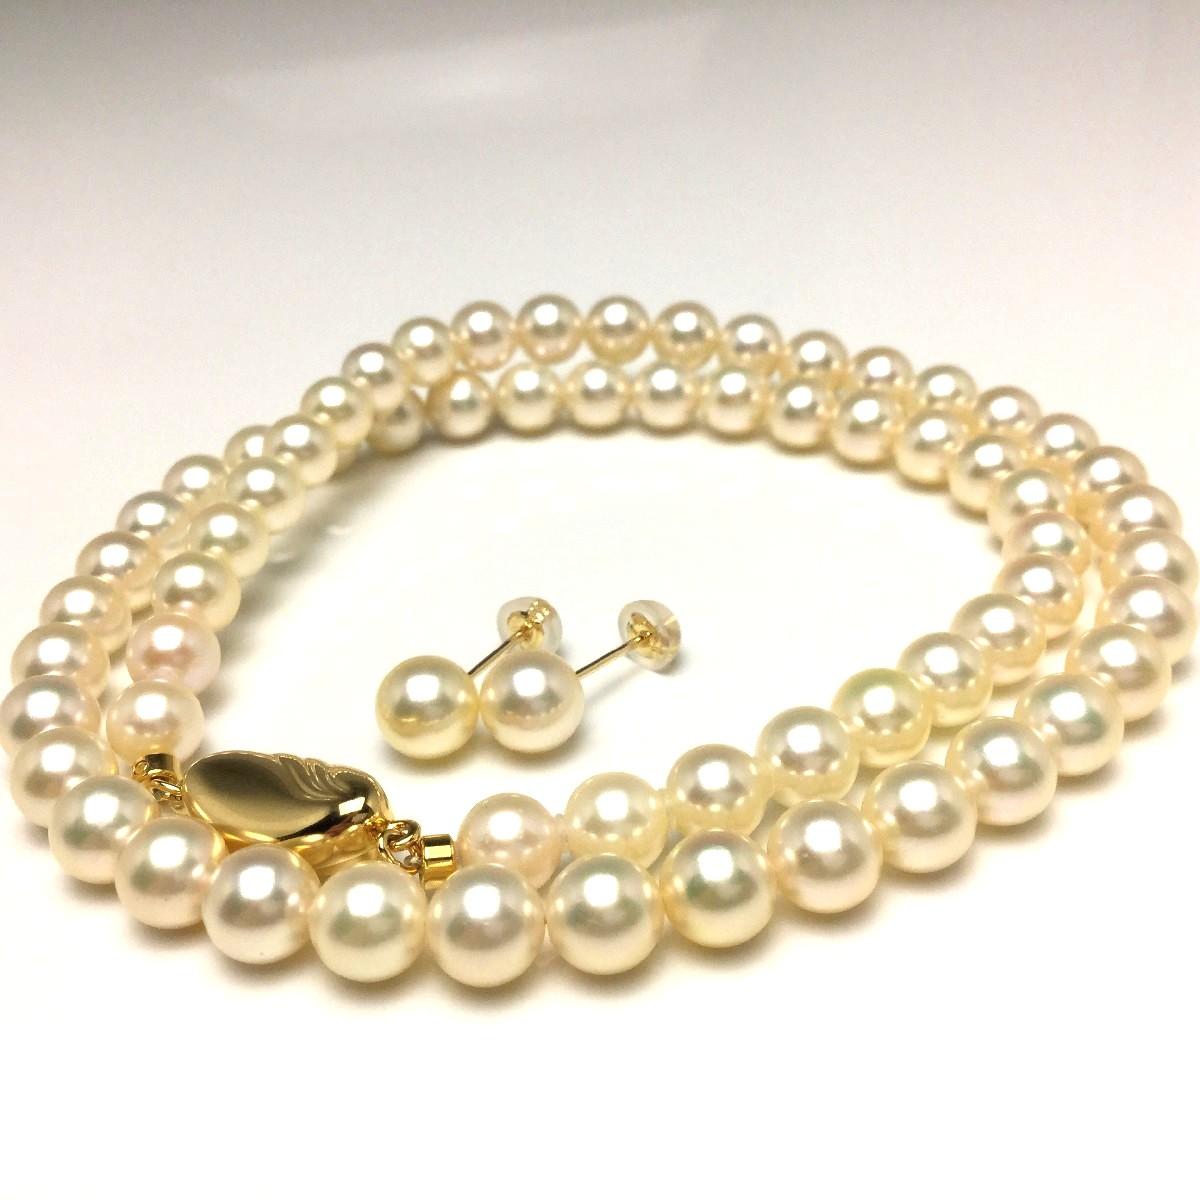 真珠 ネックレス パール アコヤ真珠 イヤリング or ピアス セット 6.0-6.5mm ライトゴールド シルバー クラスップ 66660 イソワパール